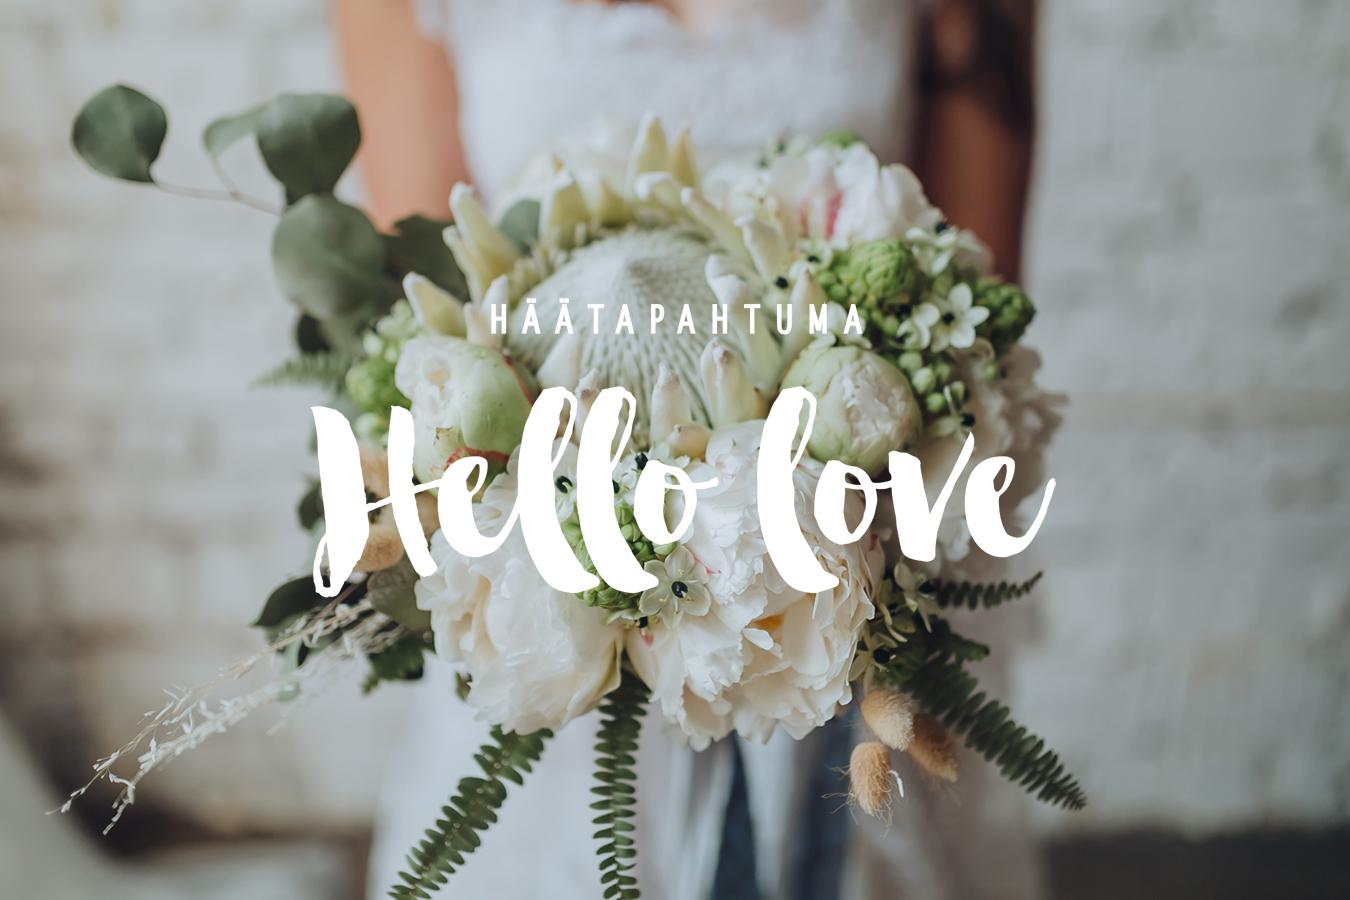 HÄÄTAPAHTUMA Hello love